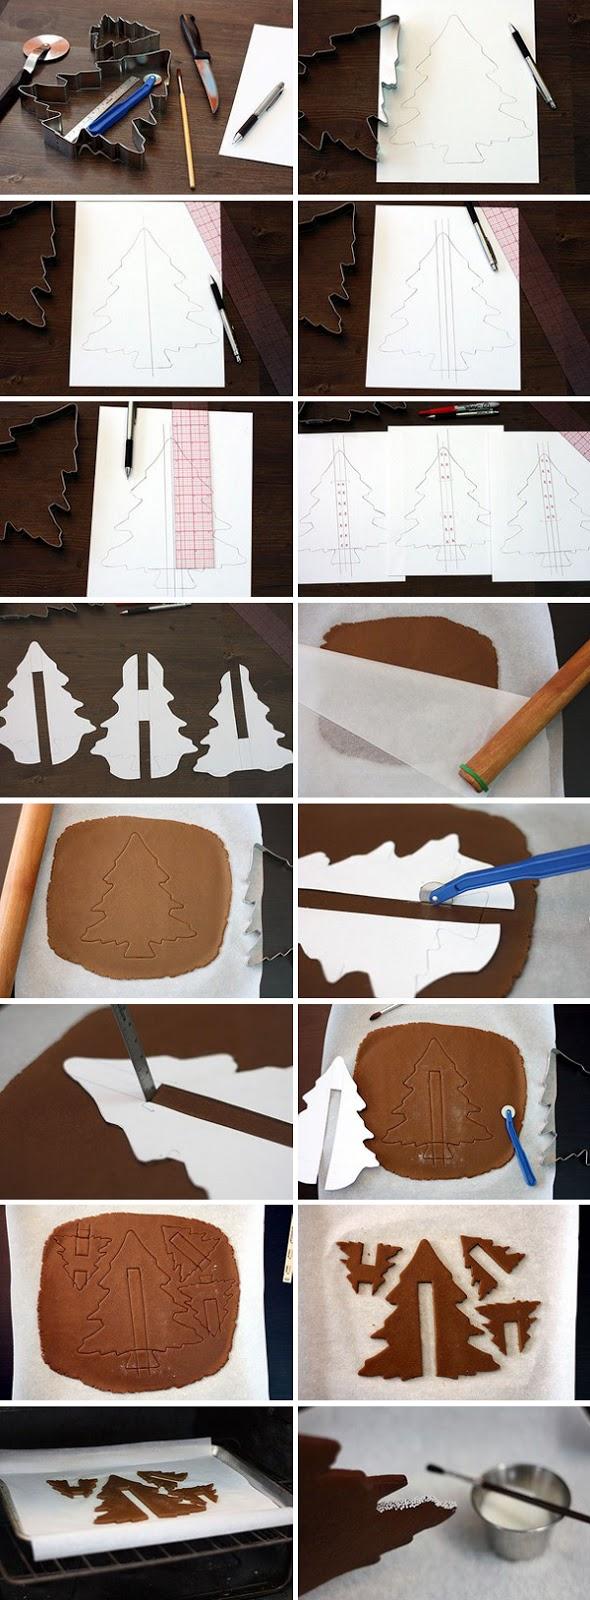 homemade-edible-christmas-tree-idea-tutorial-gingerbread-dough